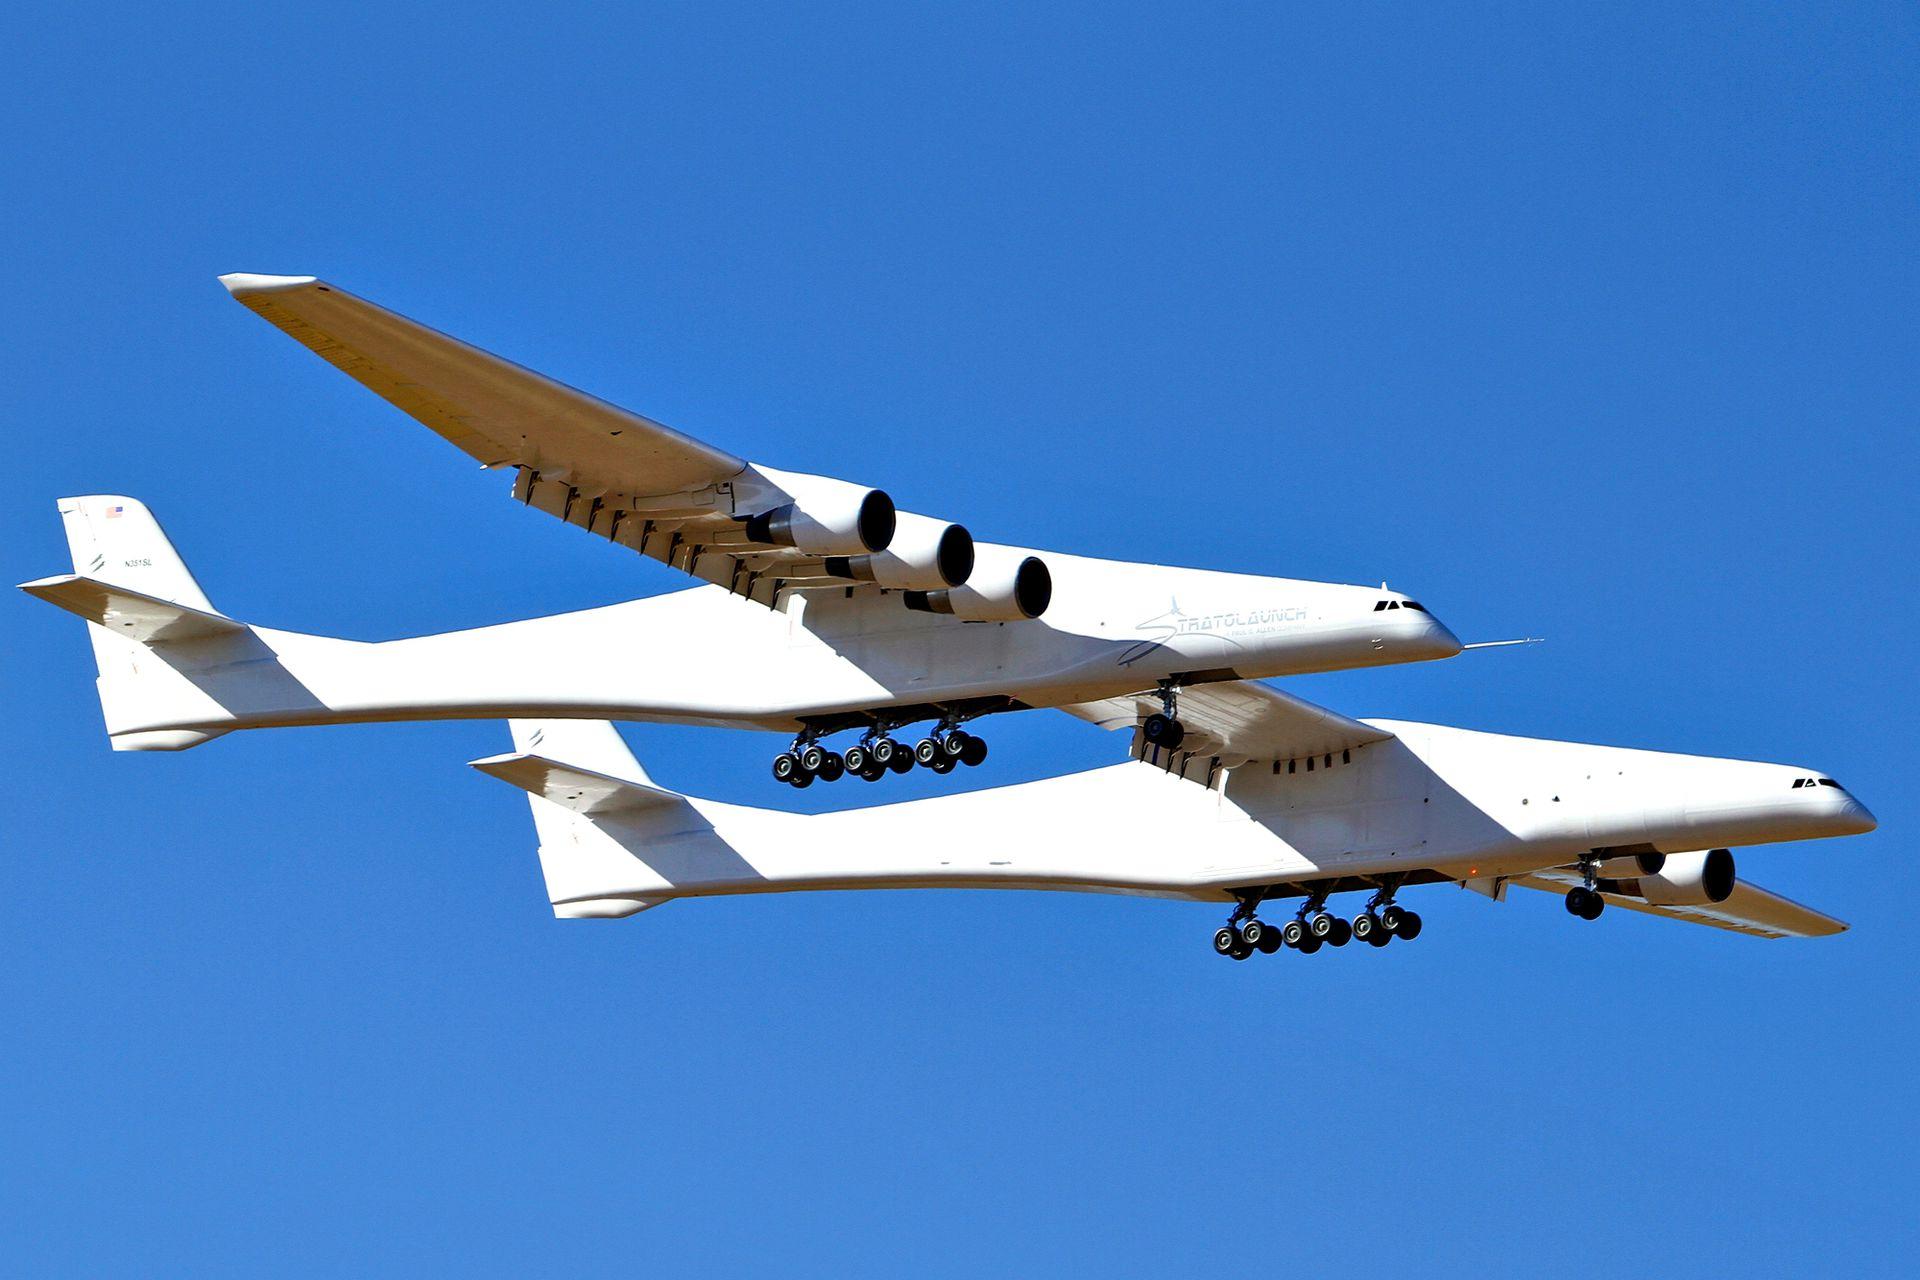 Impulsado por el mismo tipo de motores que el Boeing 747, está diseñado para despegar con un peso máximo de 589.676 kilos